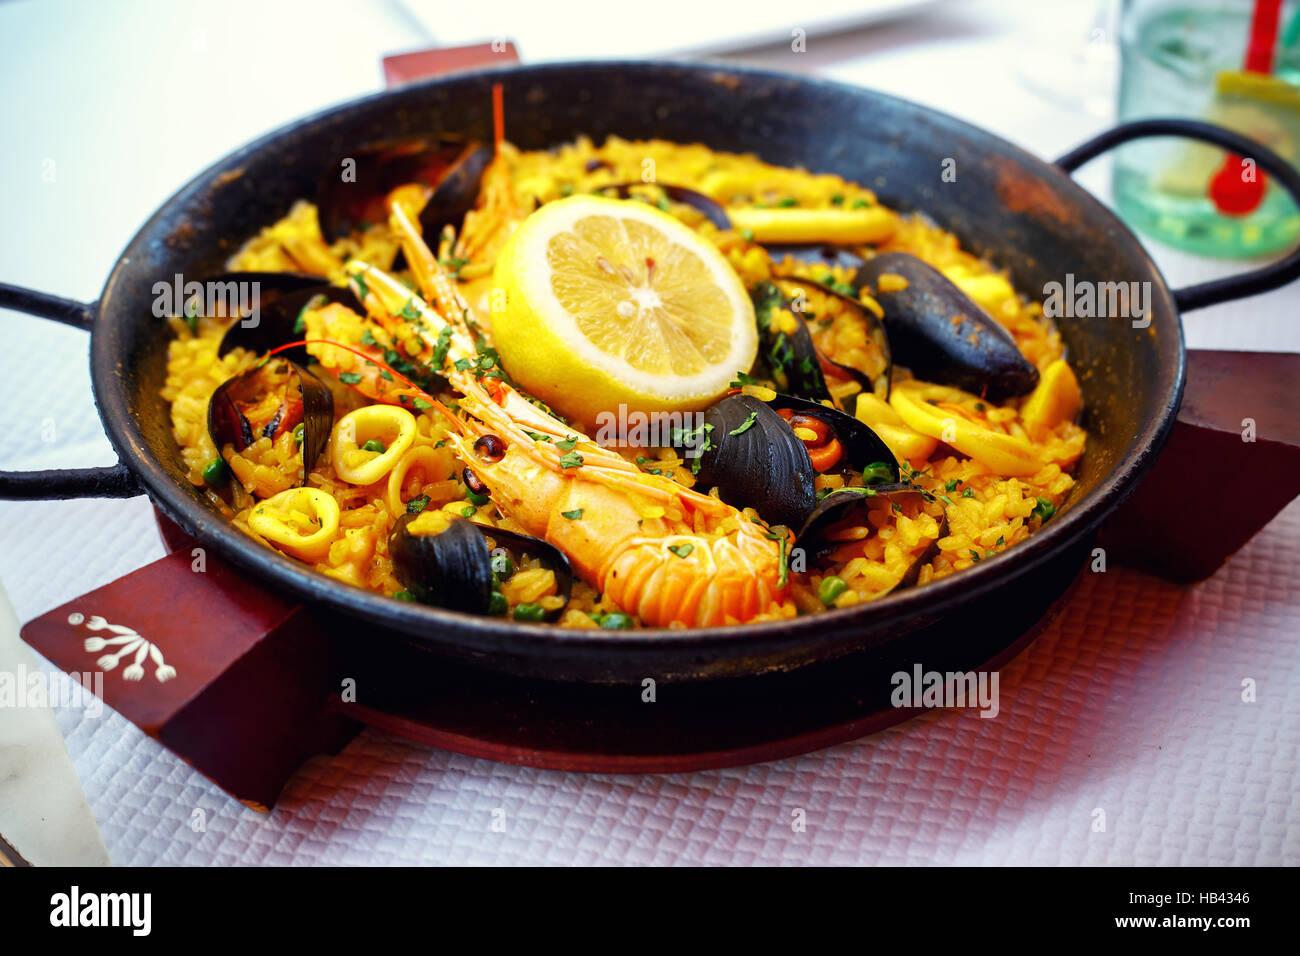 Typische spanische Meeresfrüchte Paella in Pfanne Stockbild